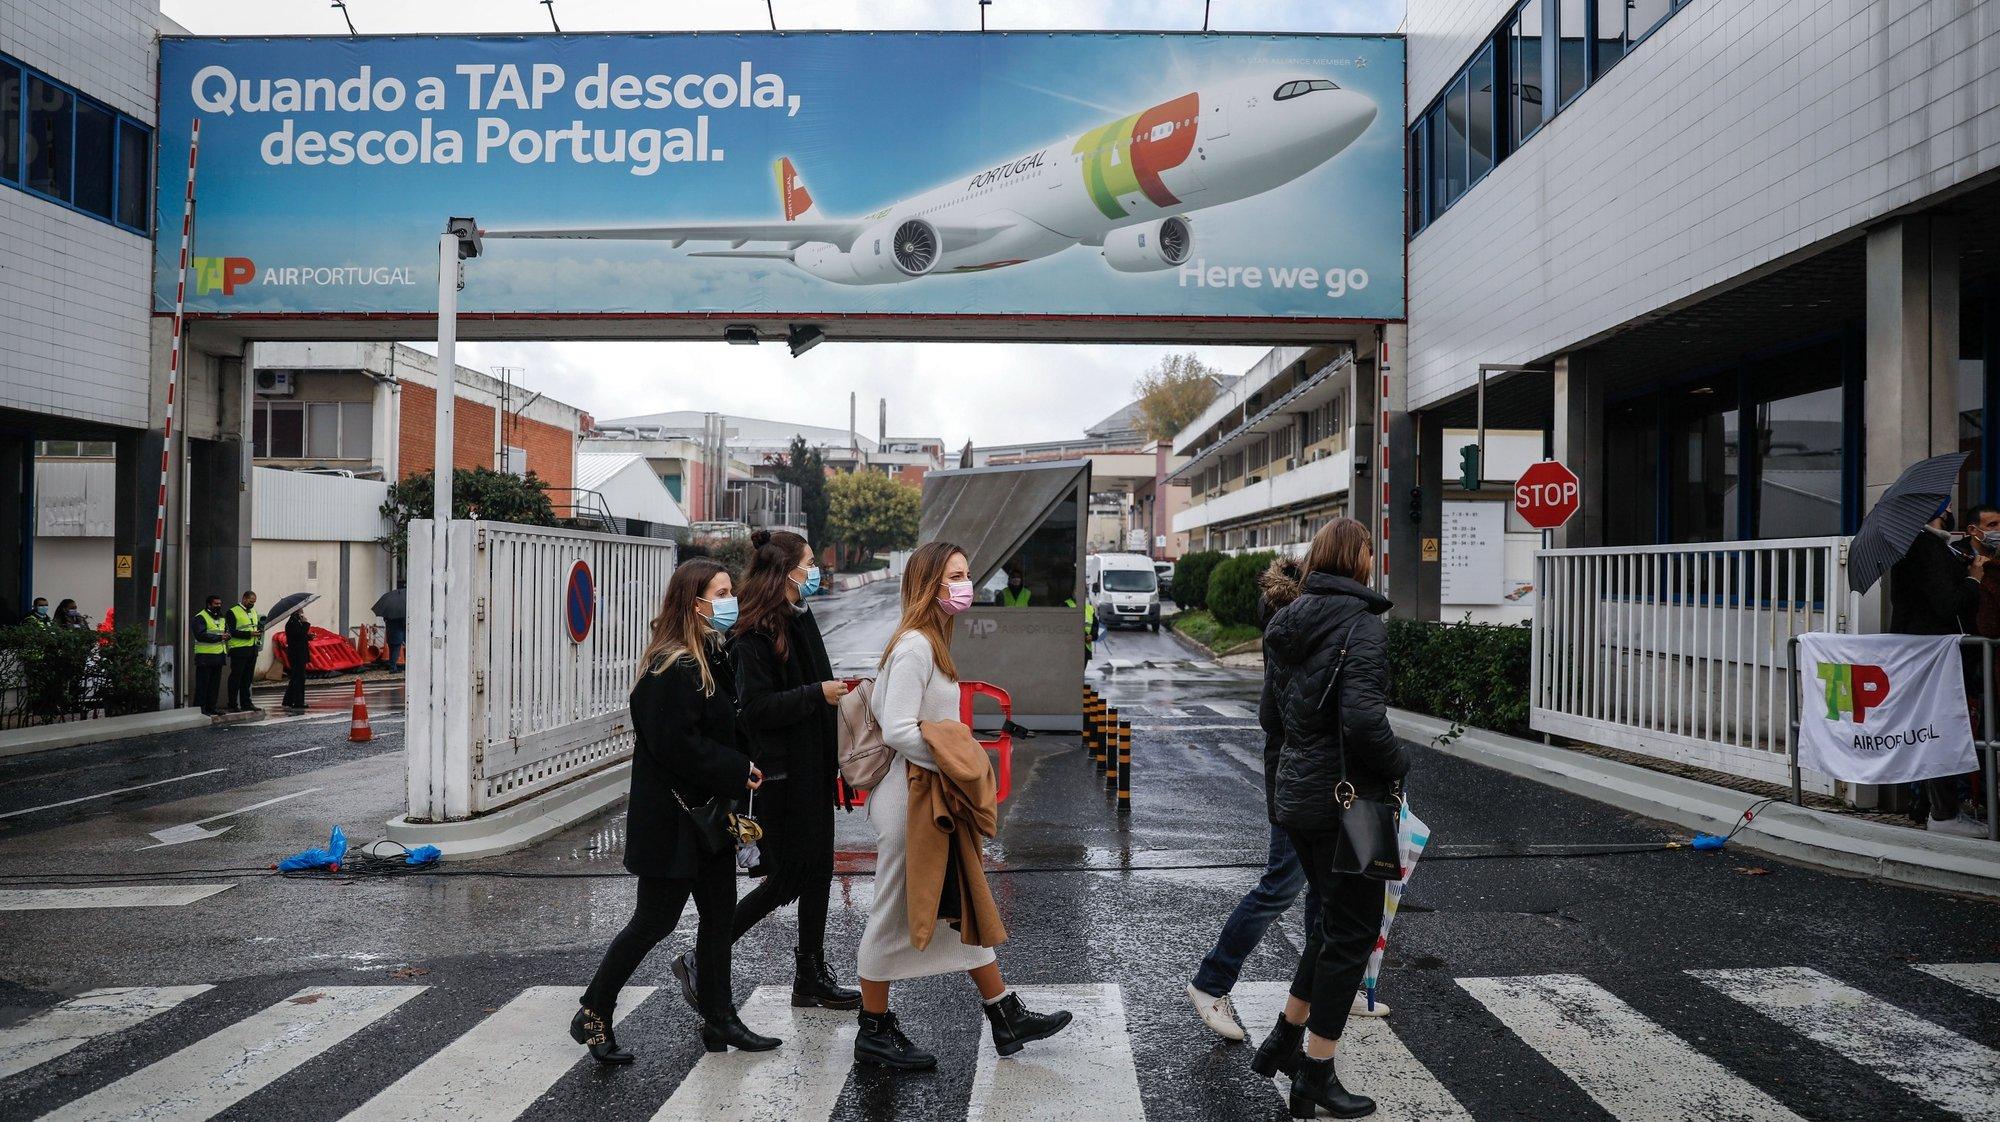 """Protesto de trabalhadores da TAP contra plano de reestruturação da empresa, organizado pelo movimento """"Os Números da TAP Têm Rosto"""", não afeto a nenhuma estrutura sindical,  no Aeroporto de Lisboa, em Lisboa, 09 de dezembro de 2020. RODRIGO ANTUNES/LUSA"""